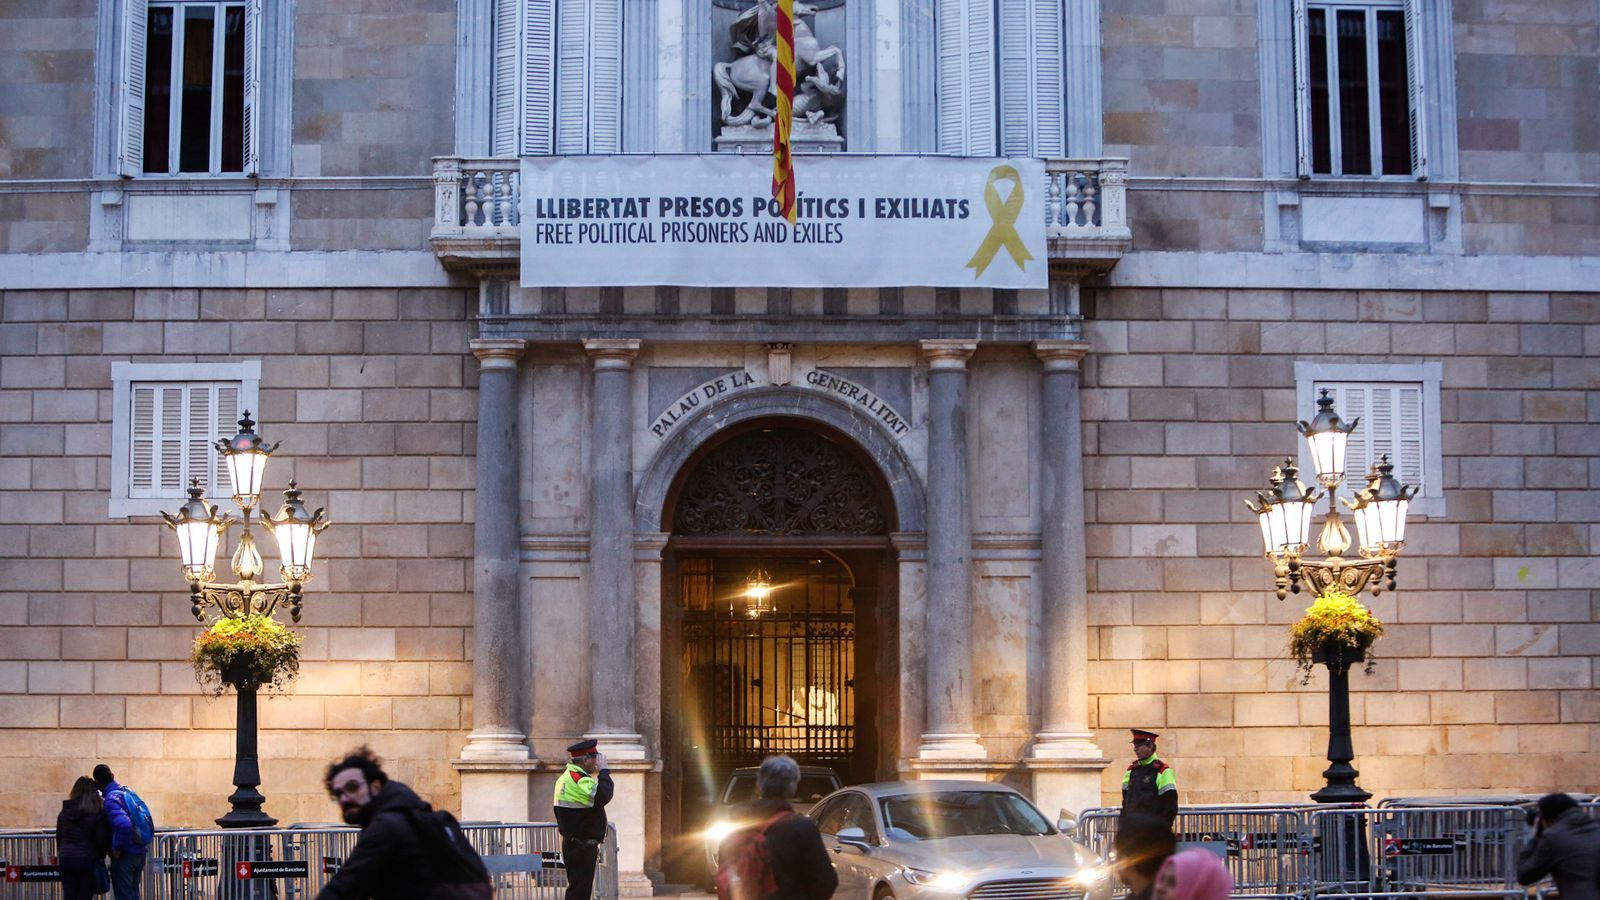 La JEC ordena a Torra que retiri estelades, llaços i cartells dels edificis públics abans de divendres a la tarda